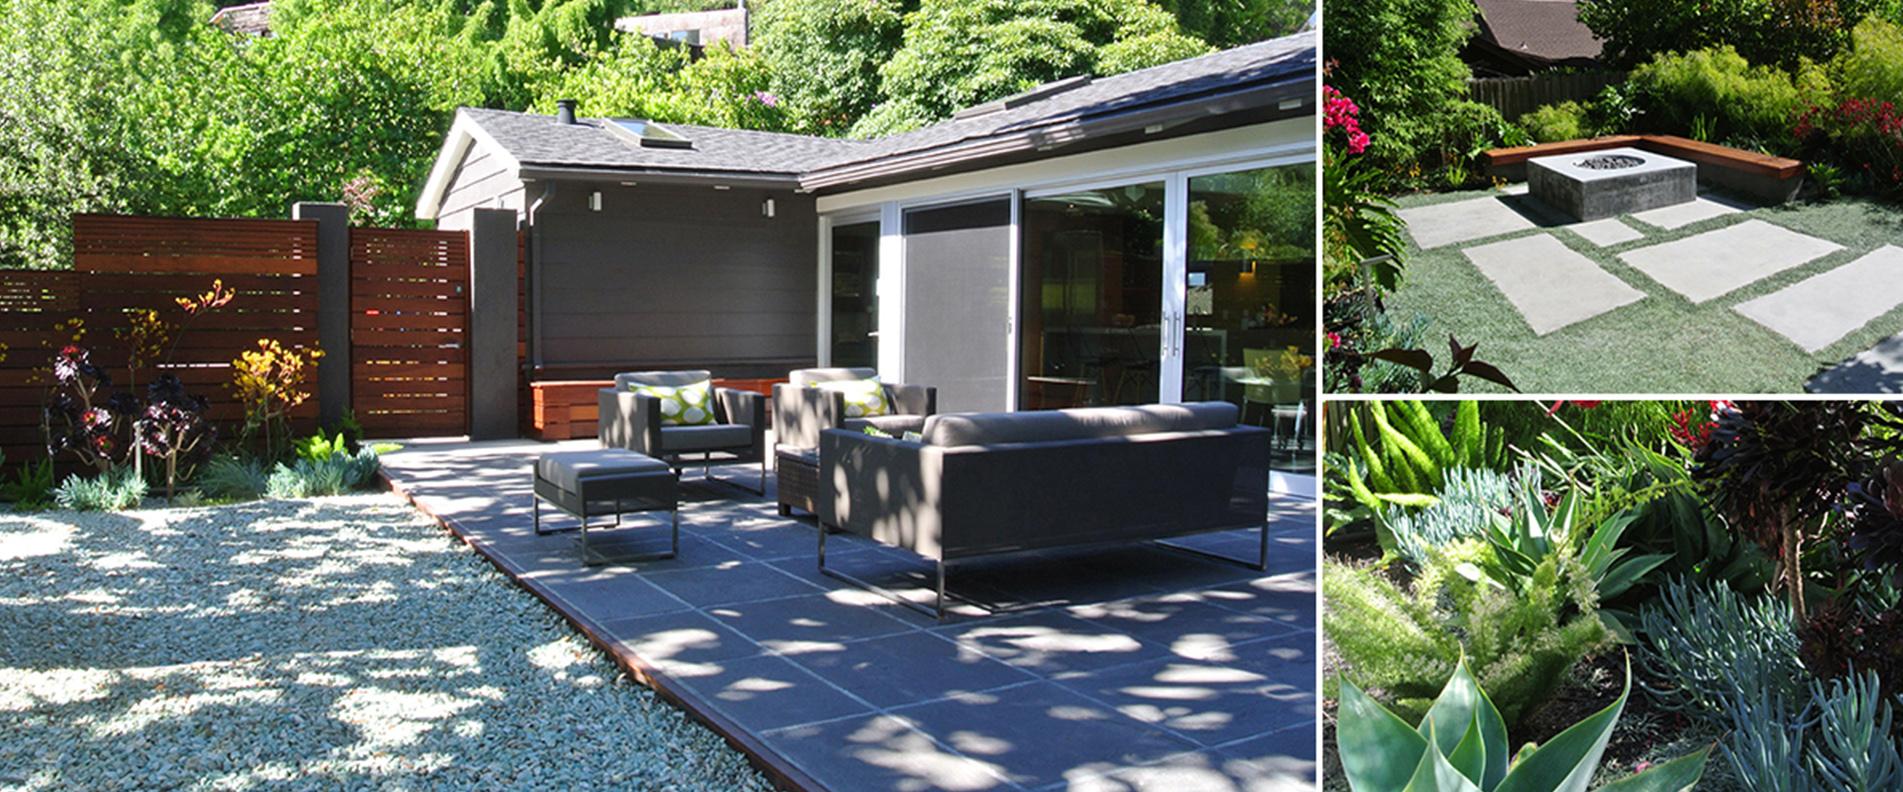 庭院设计:水池安全大于天,有老人小孩的一定要注意